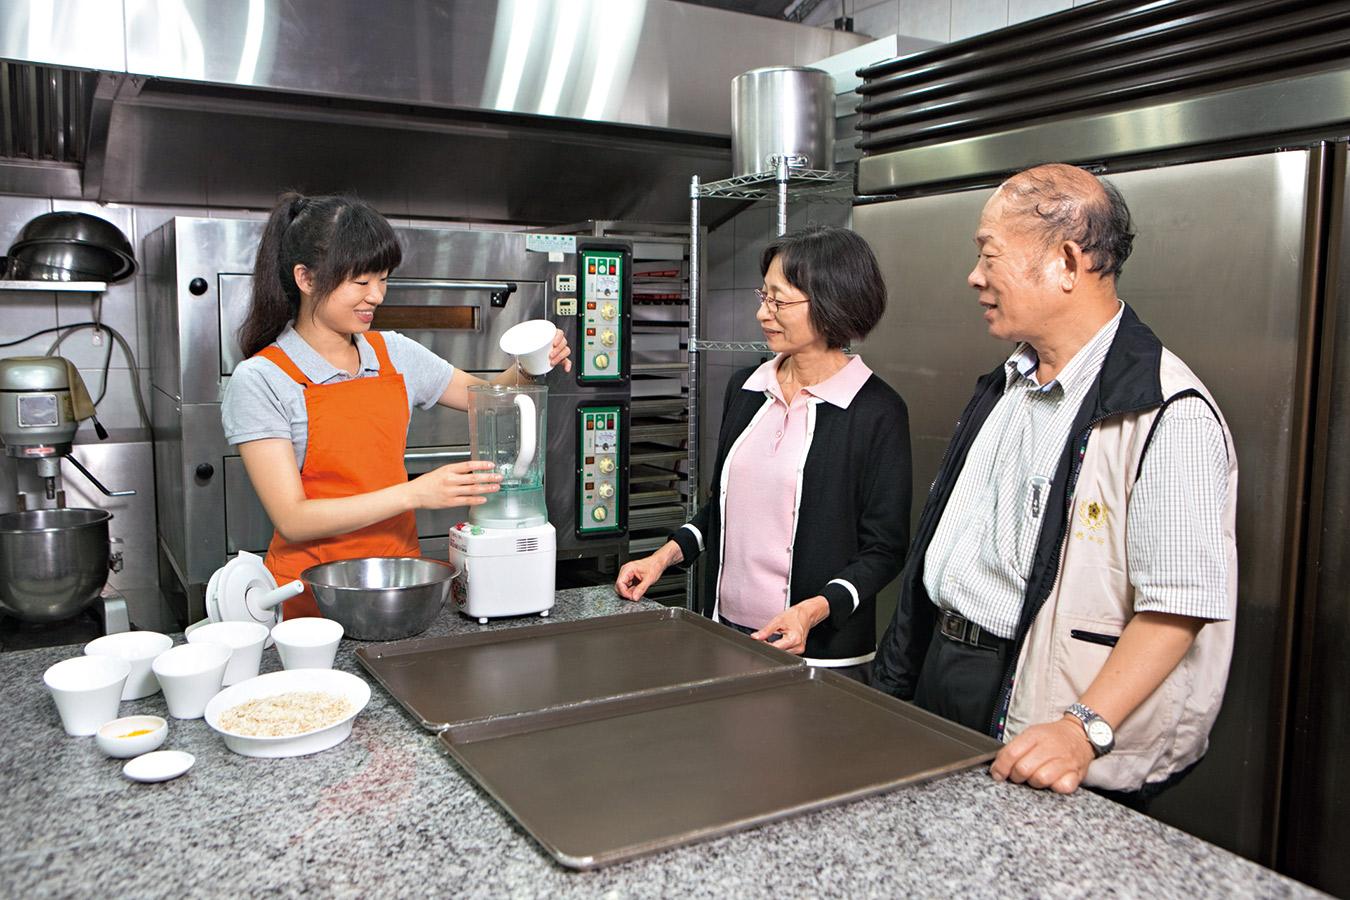 營養師教導賓客實作健康食品